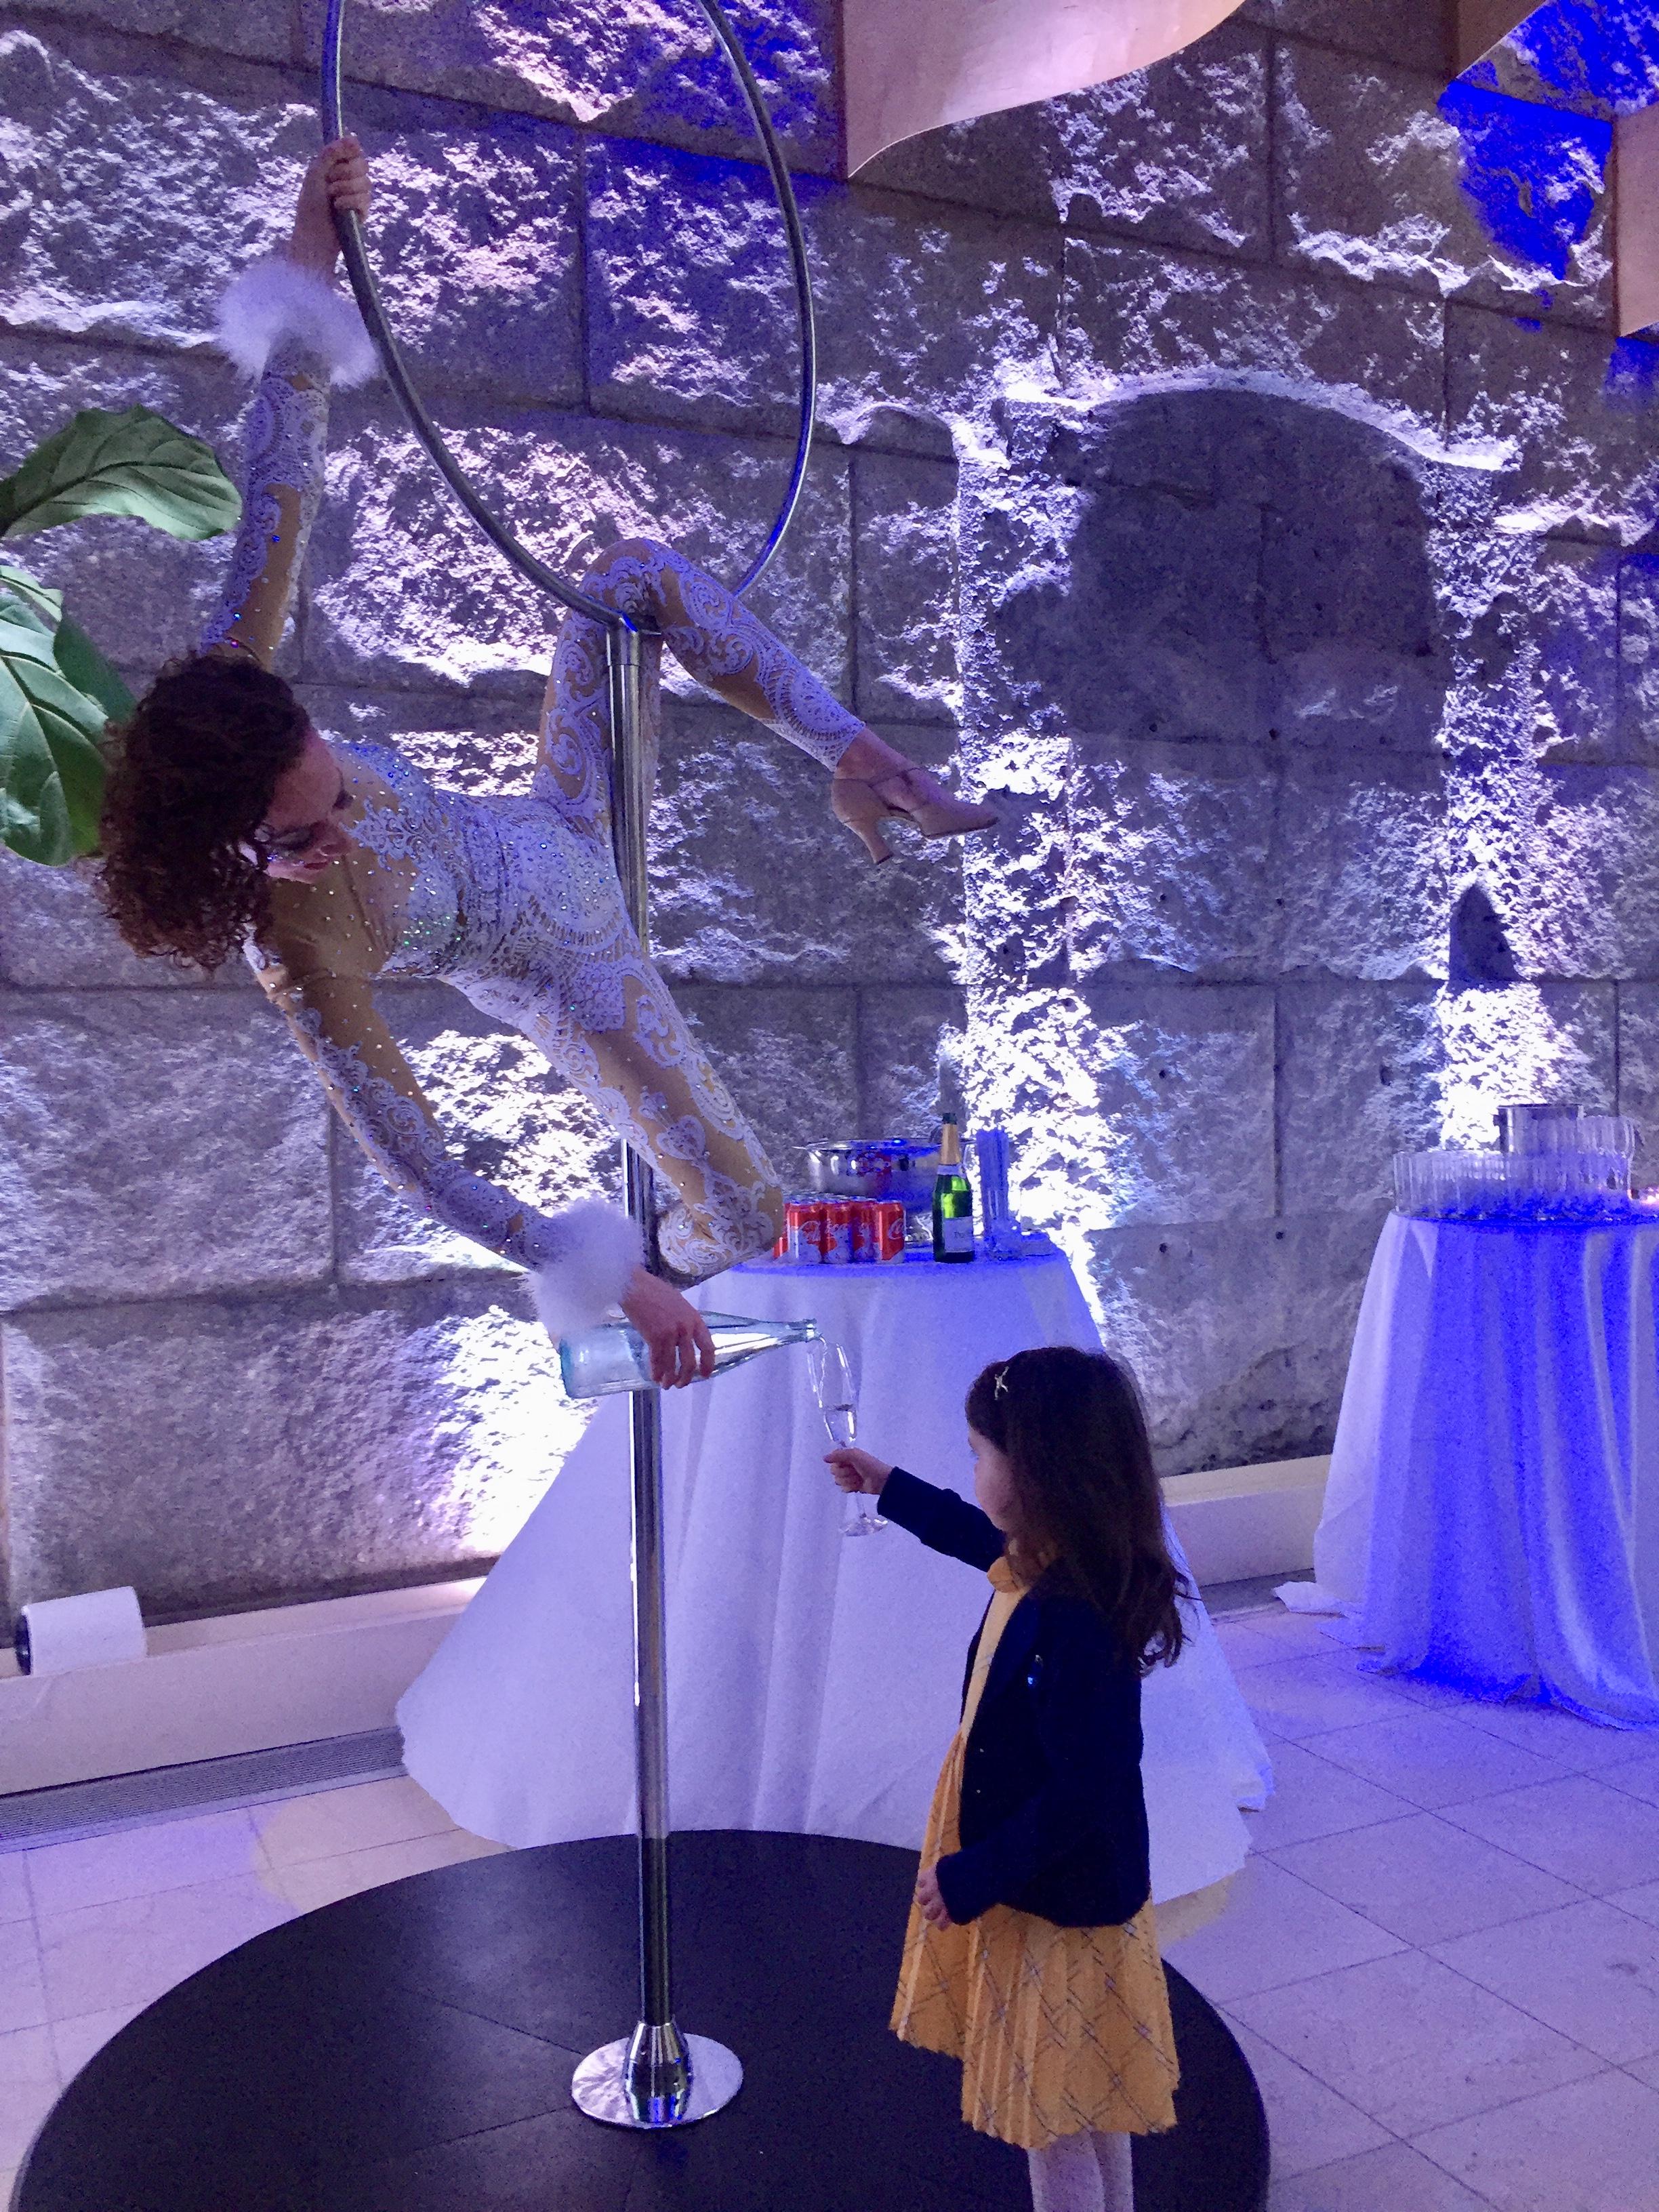 Cirque Central Winter Wonderland Aerial Beverage Service Kids